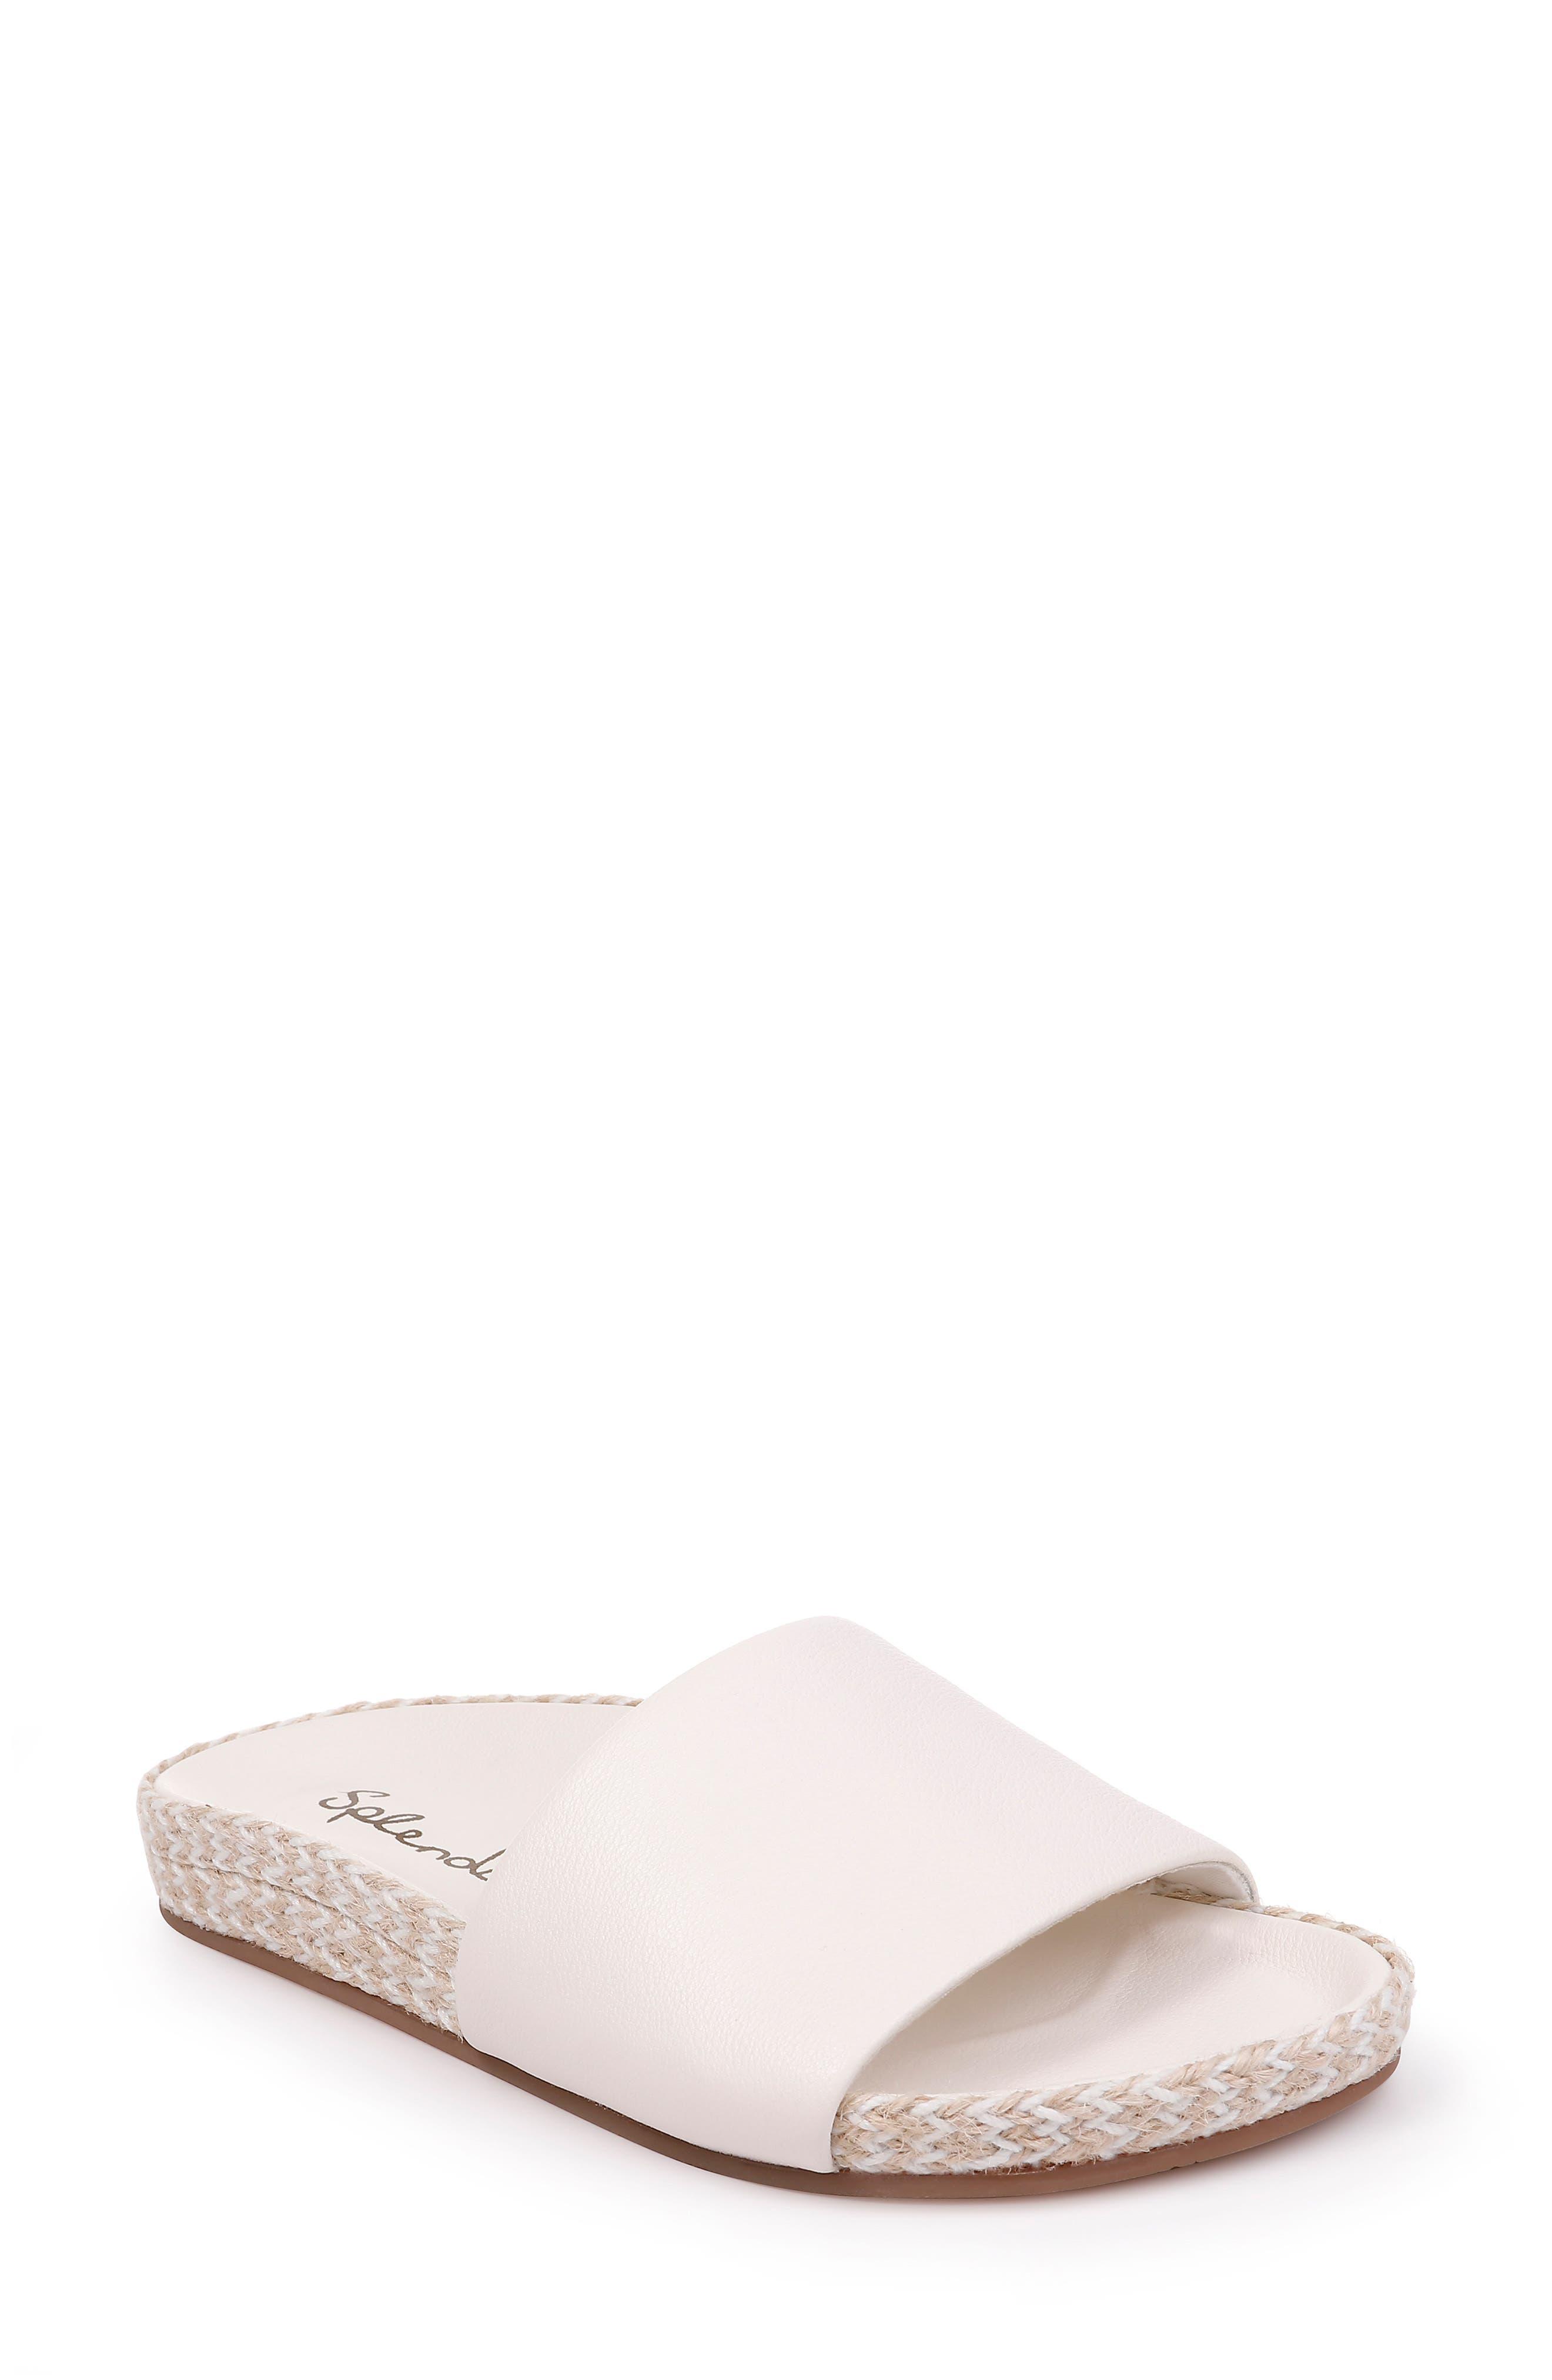 Sandford Espadrille Slide Sandal, Main, color, OFF WHITE LEATHER